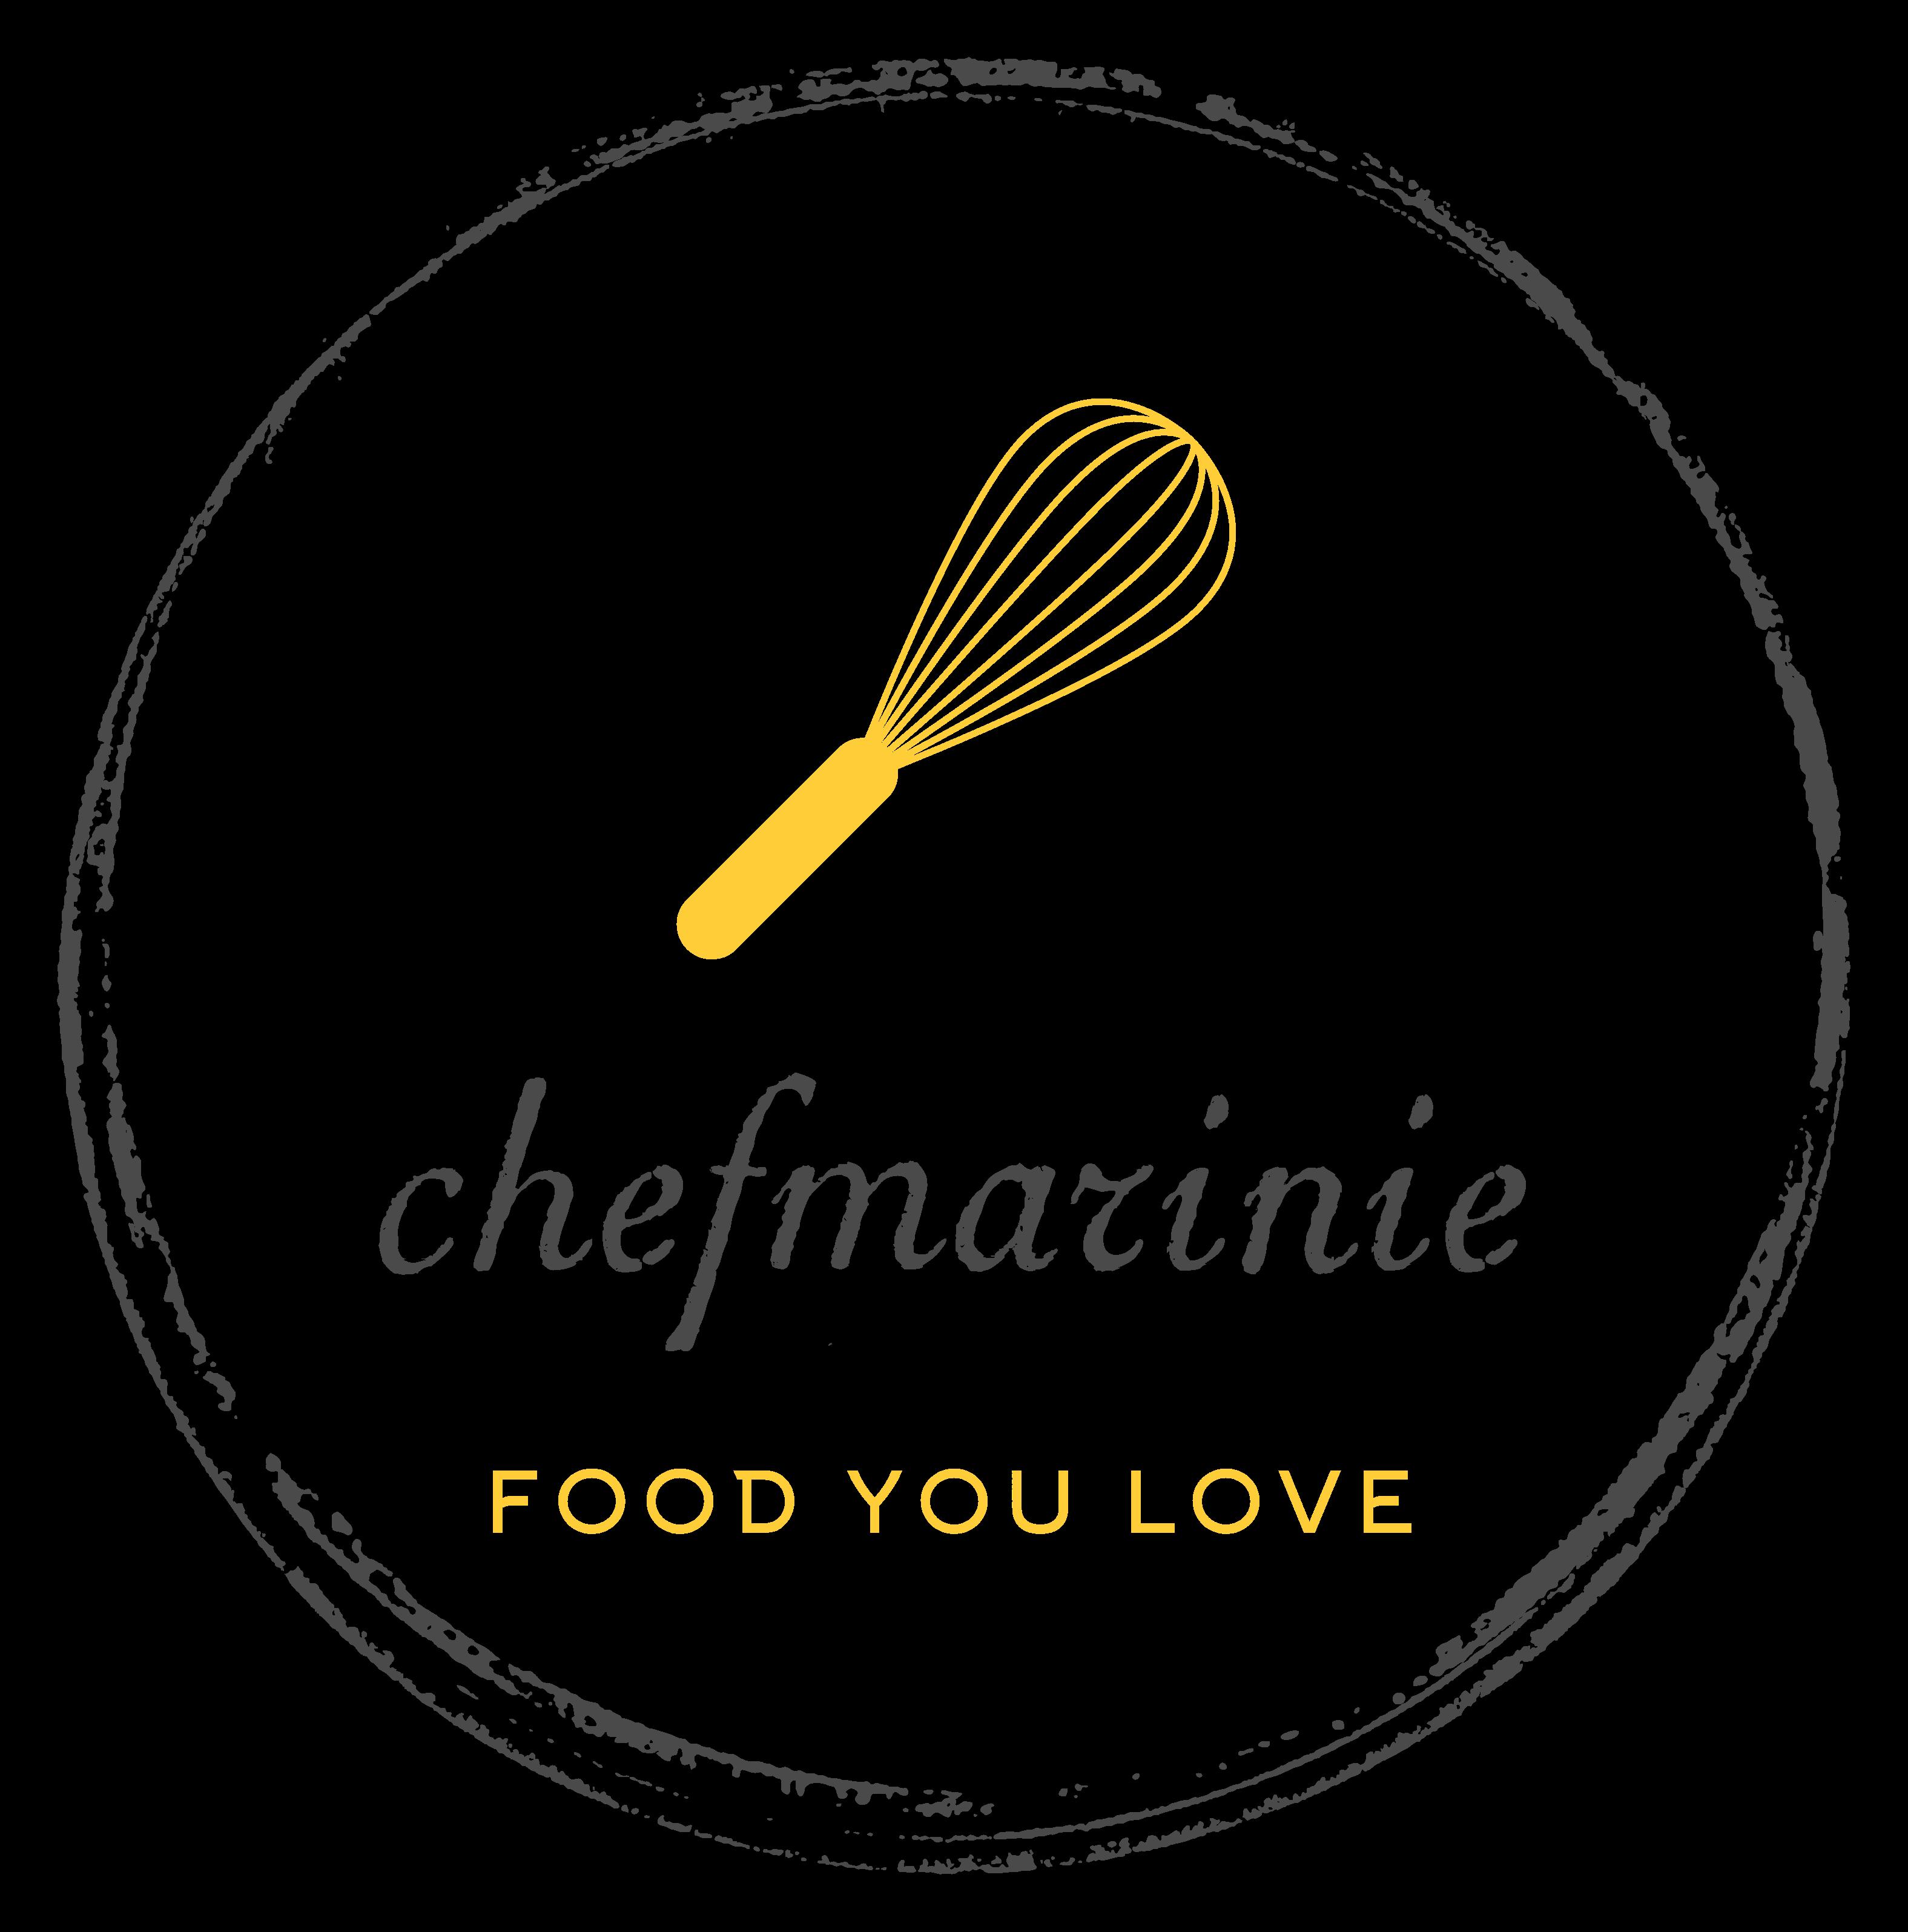 chefmarinie